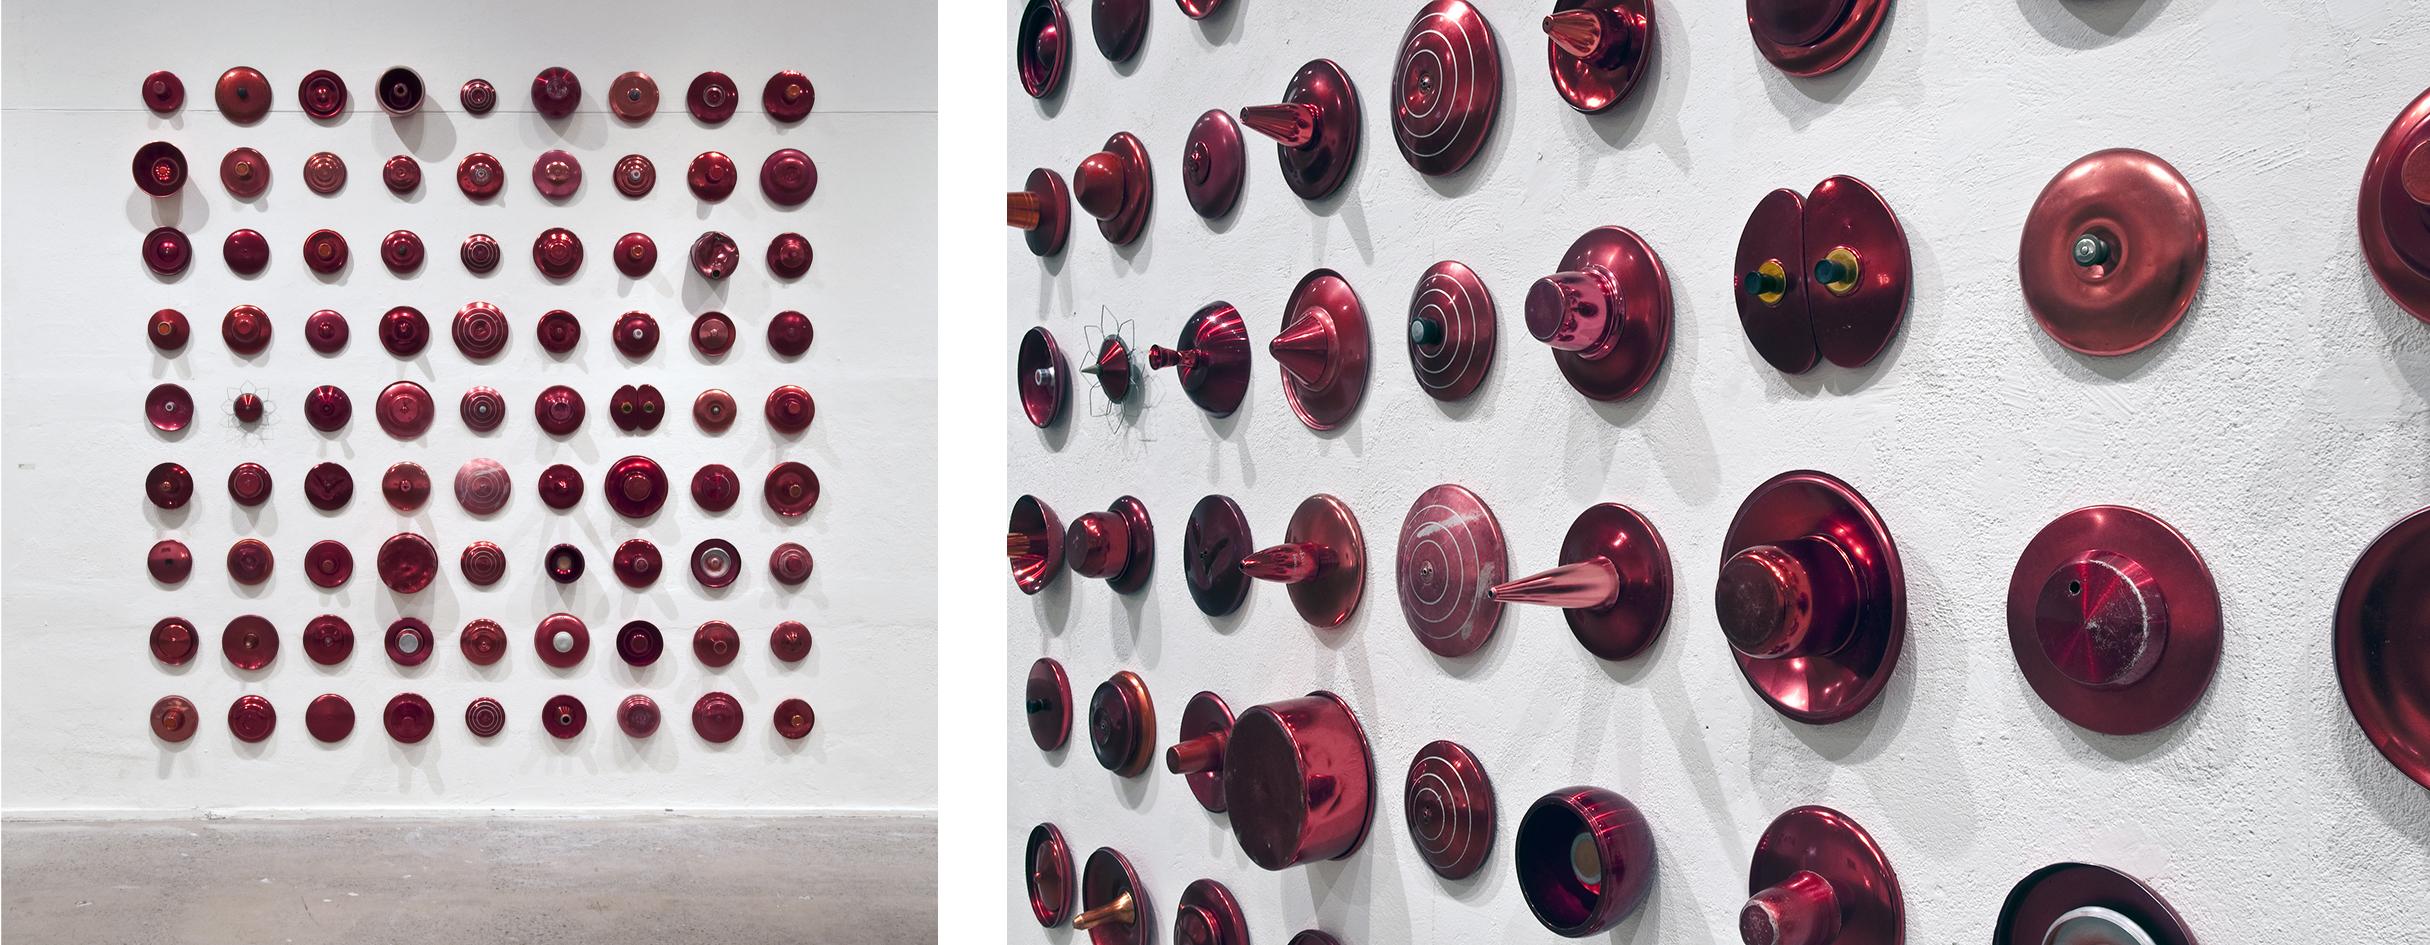 Donna Marcus  Naples   2011, aluminium, 280 x 280 x 20cm,